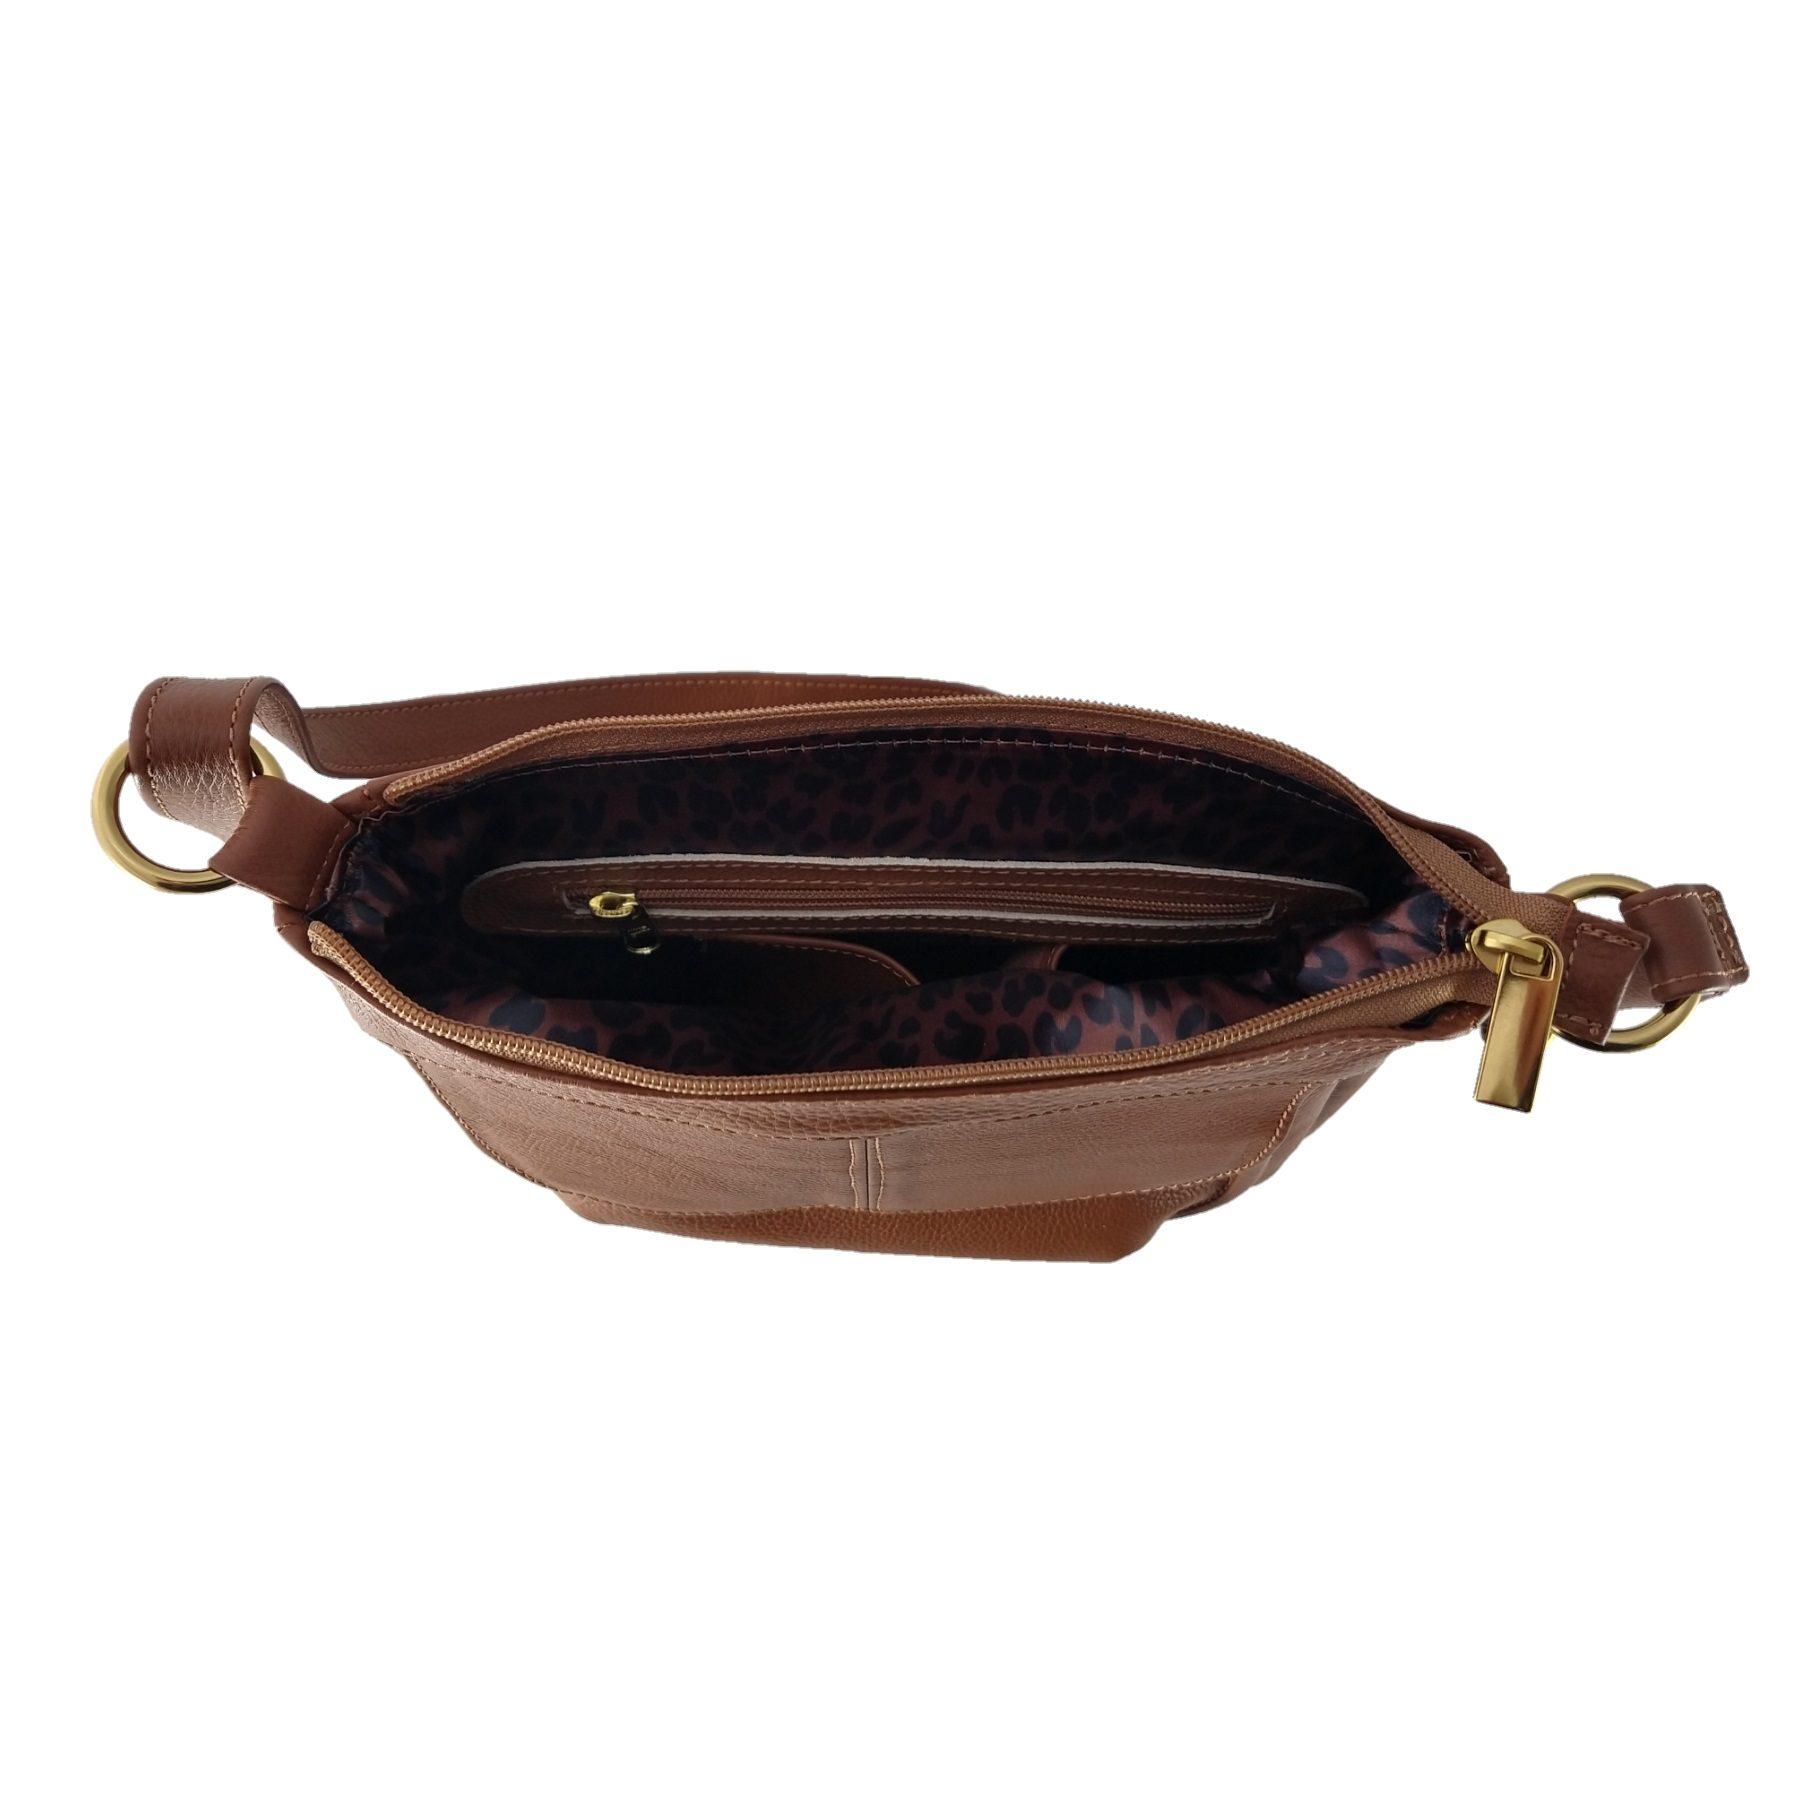 Bolsa Transversal TopGrife Couro Caramelo  - SAPATOWEB.COM